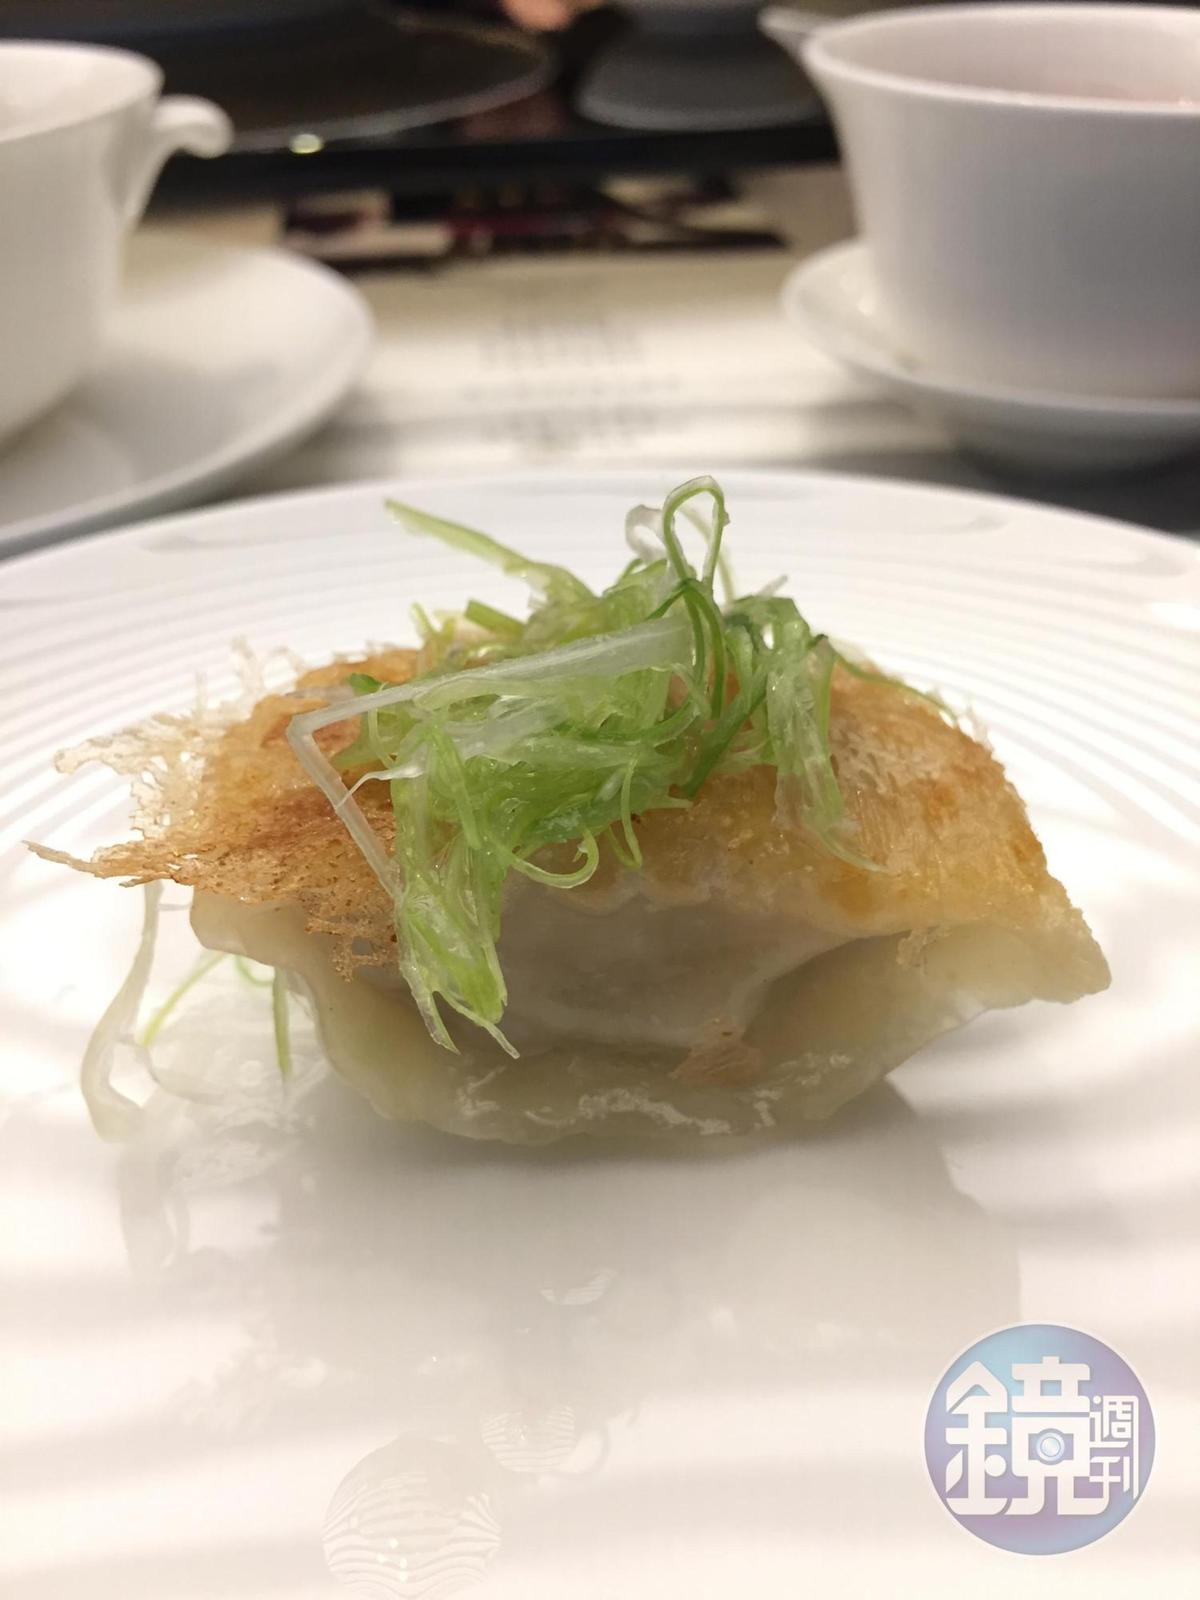 金燦的鍋貼配米網皮、蔥絲同吃,鮮美多汁。